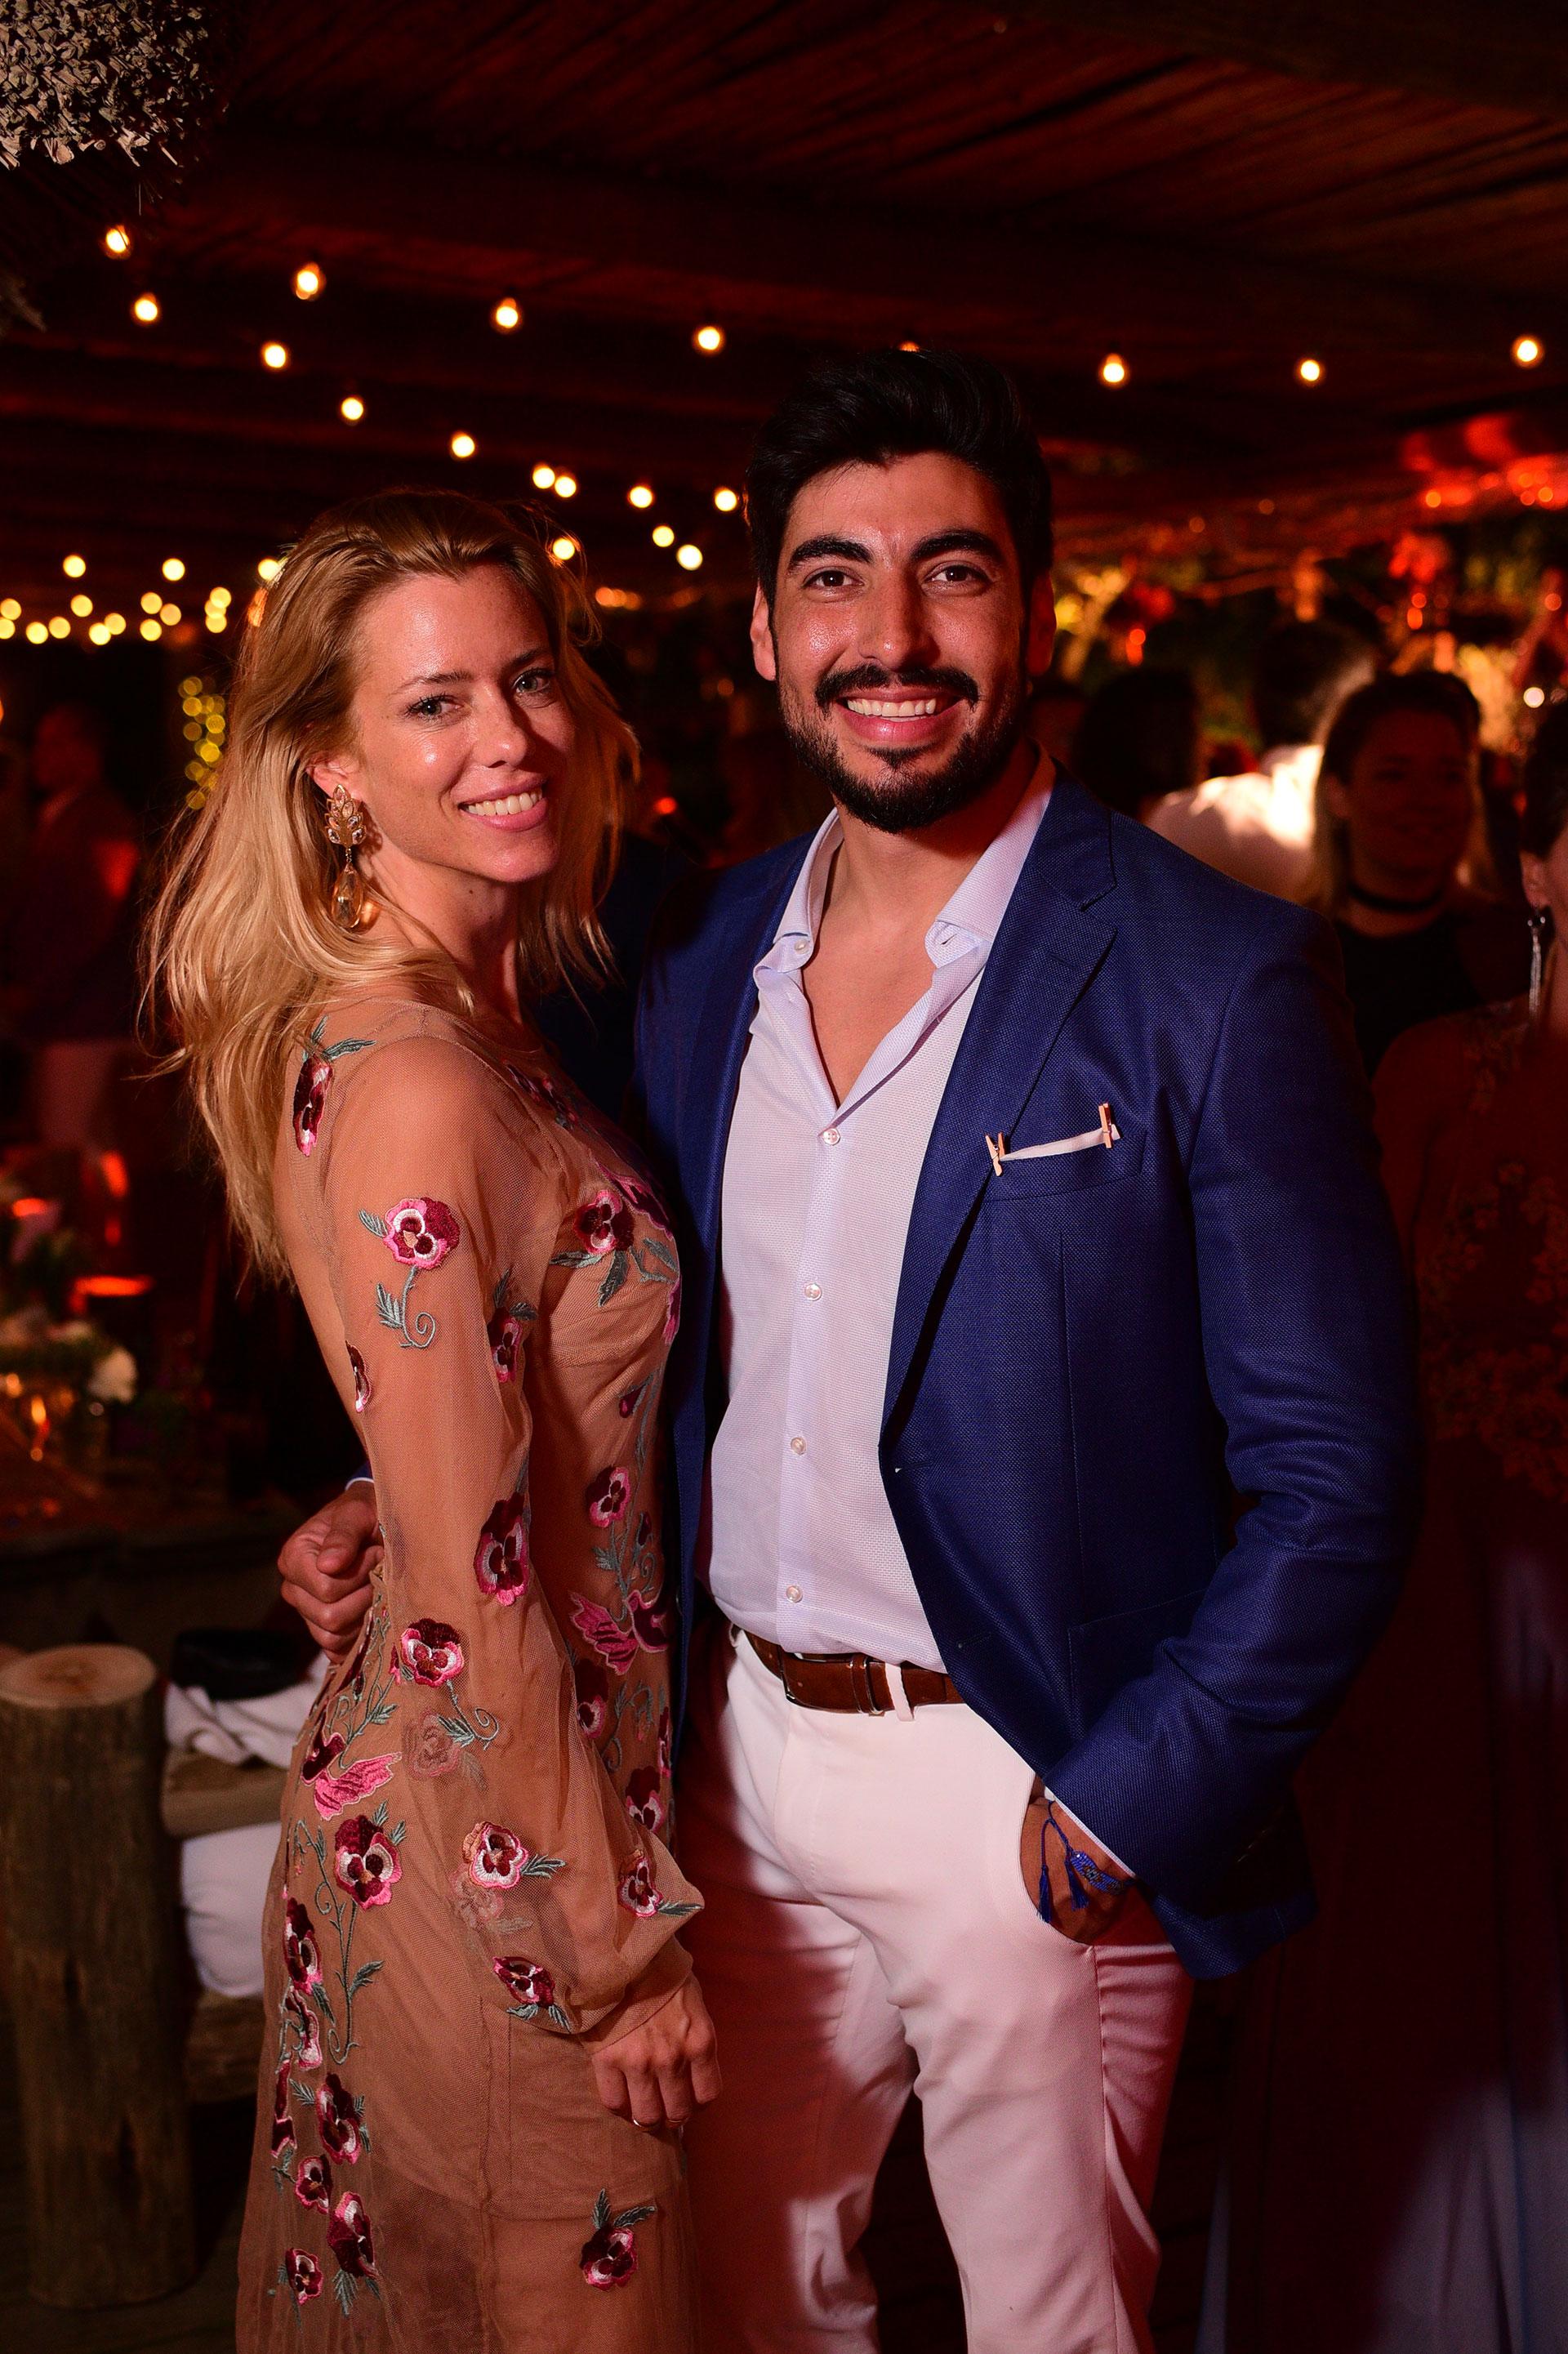 Nicole y Facundo felices durante la fiesta de casamiento de Flopy Tesouro en Casa Suaya (Fotos Hobby Estudio Creativo)